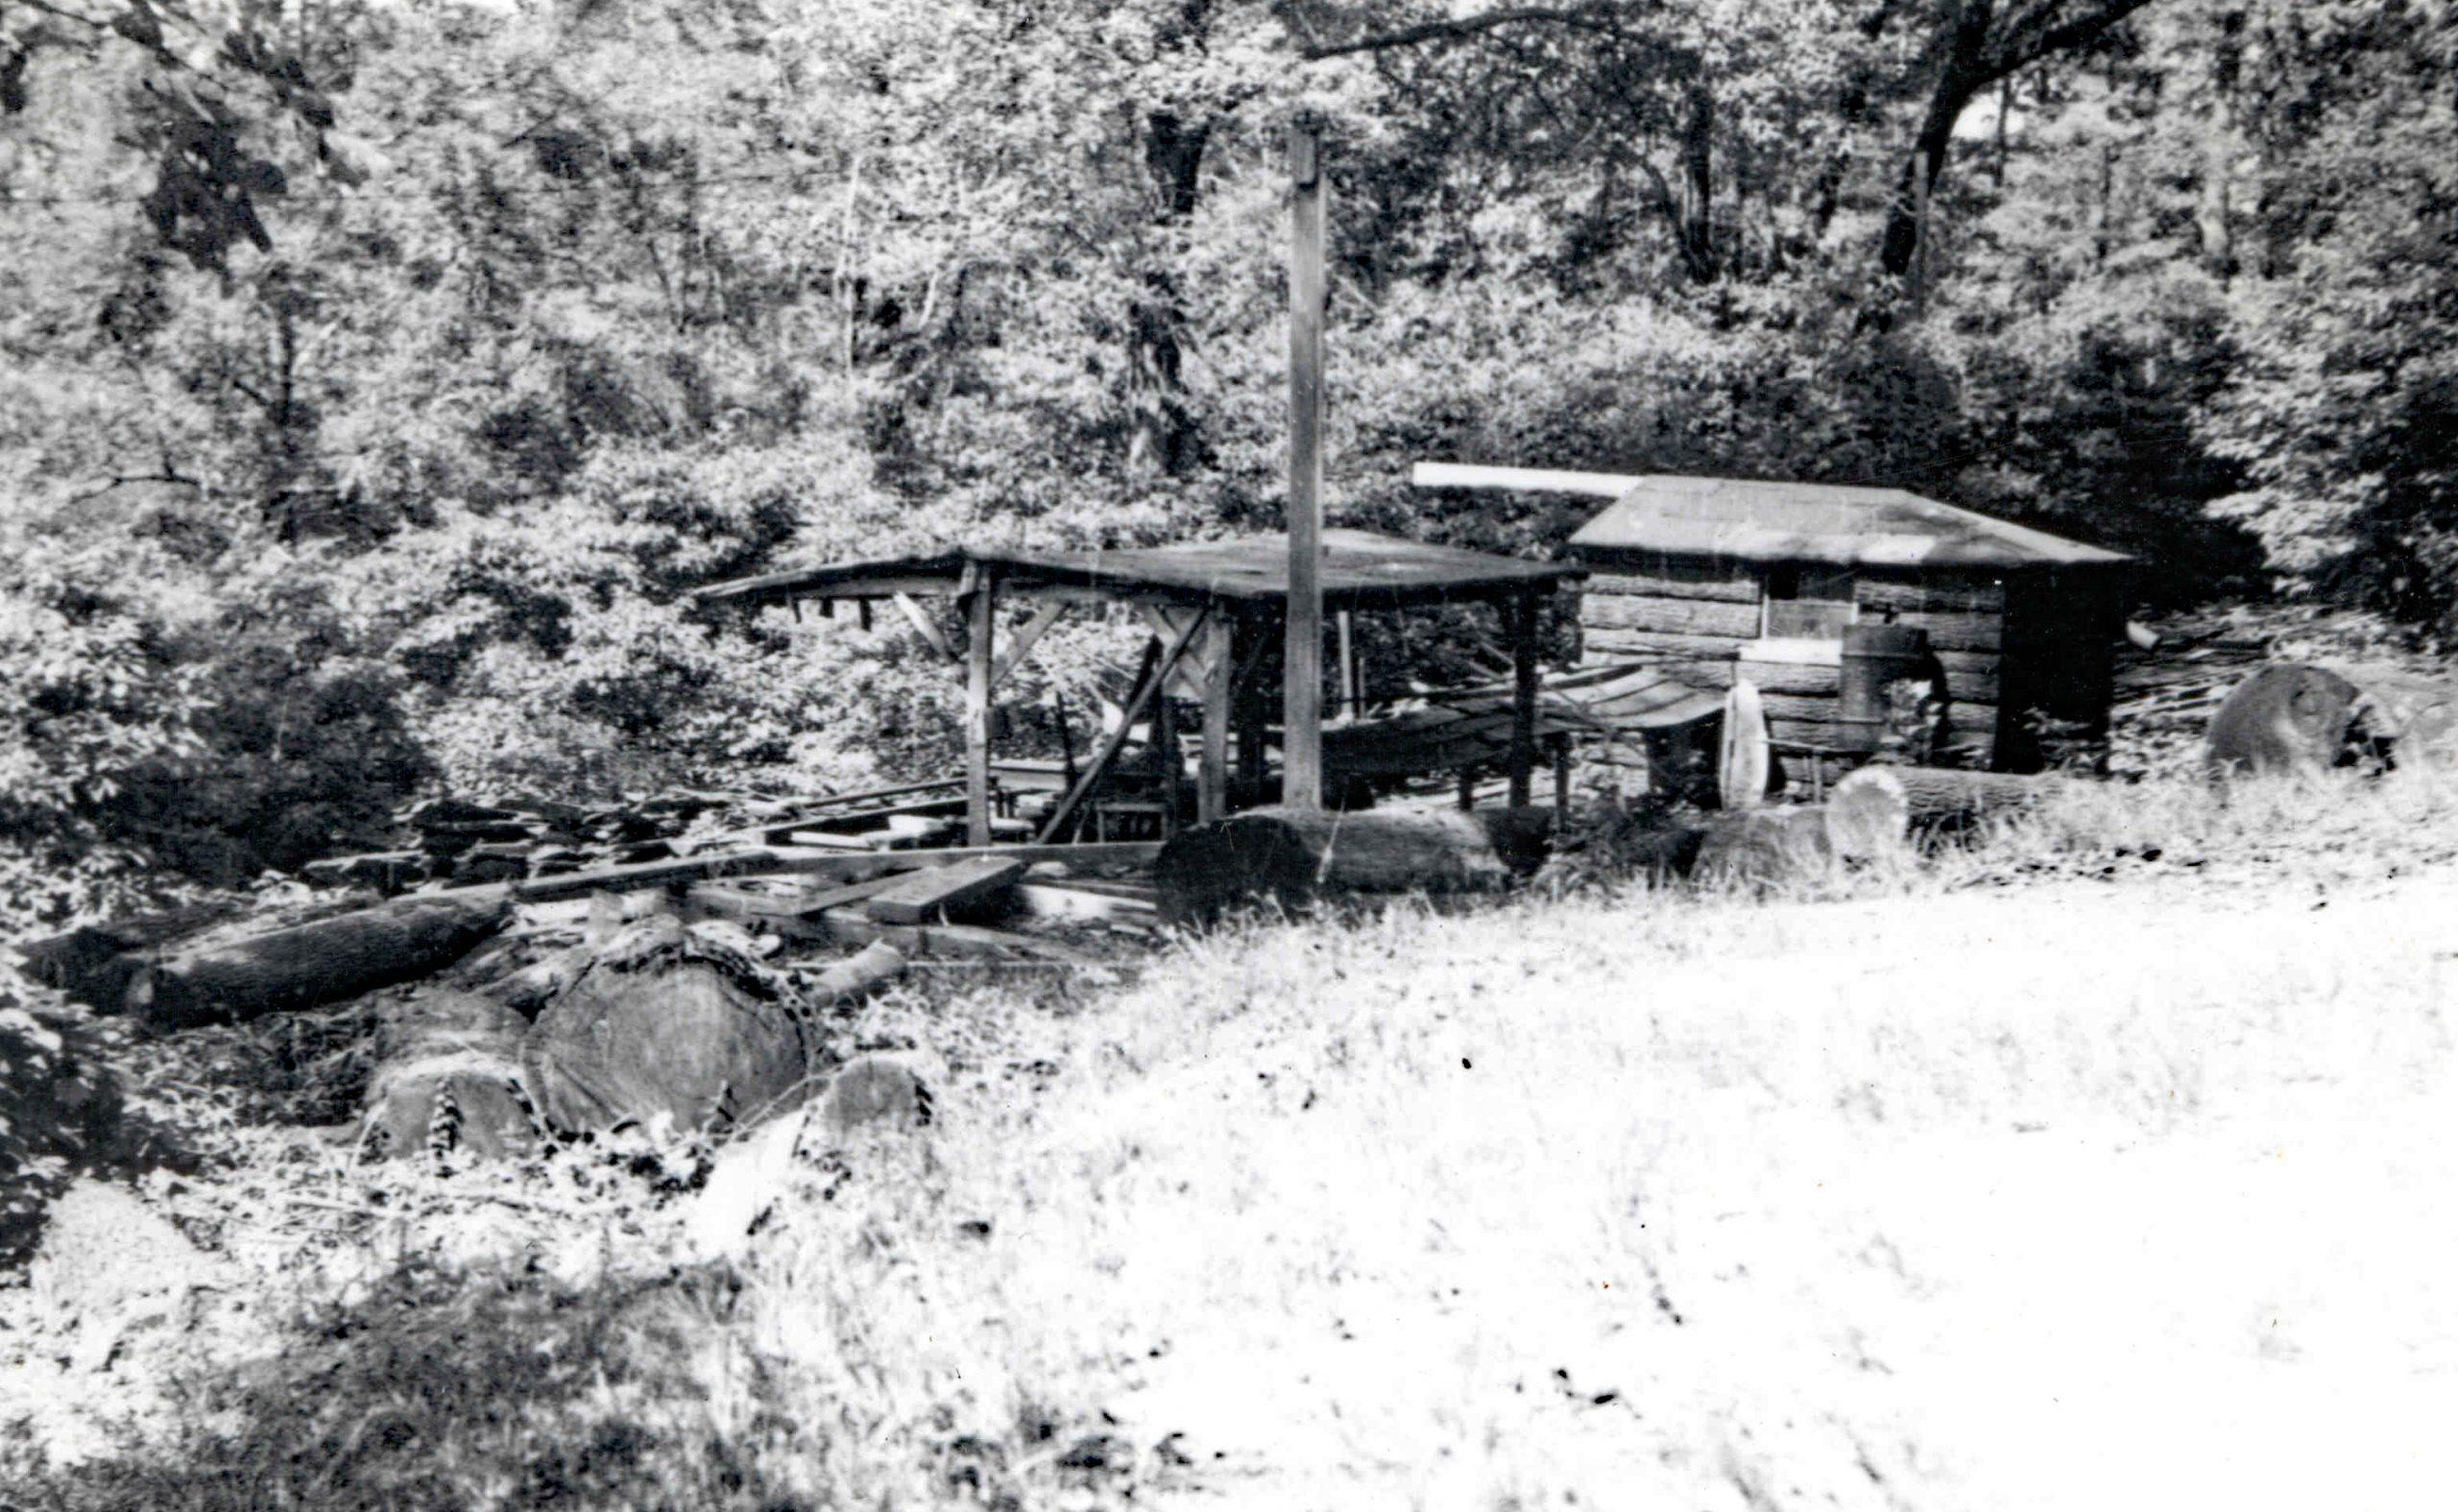 Sawmill in 1930